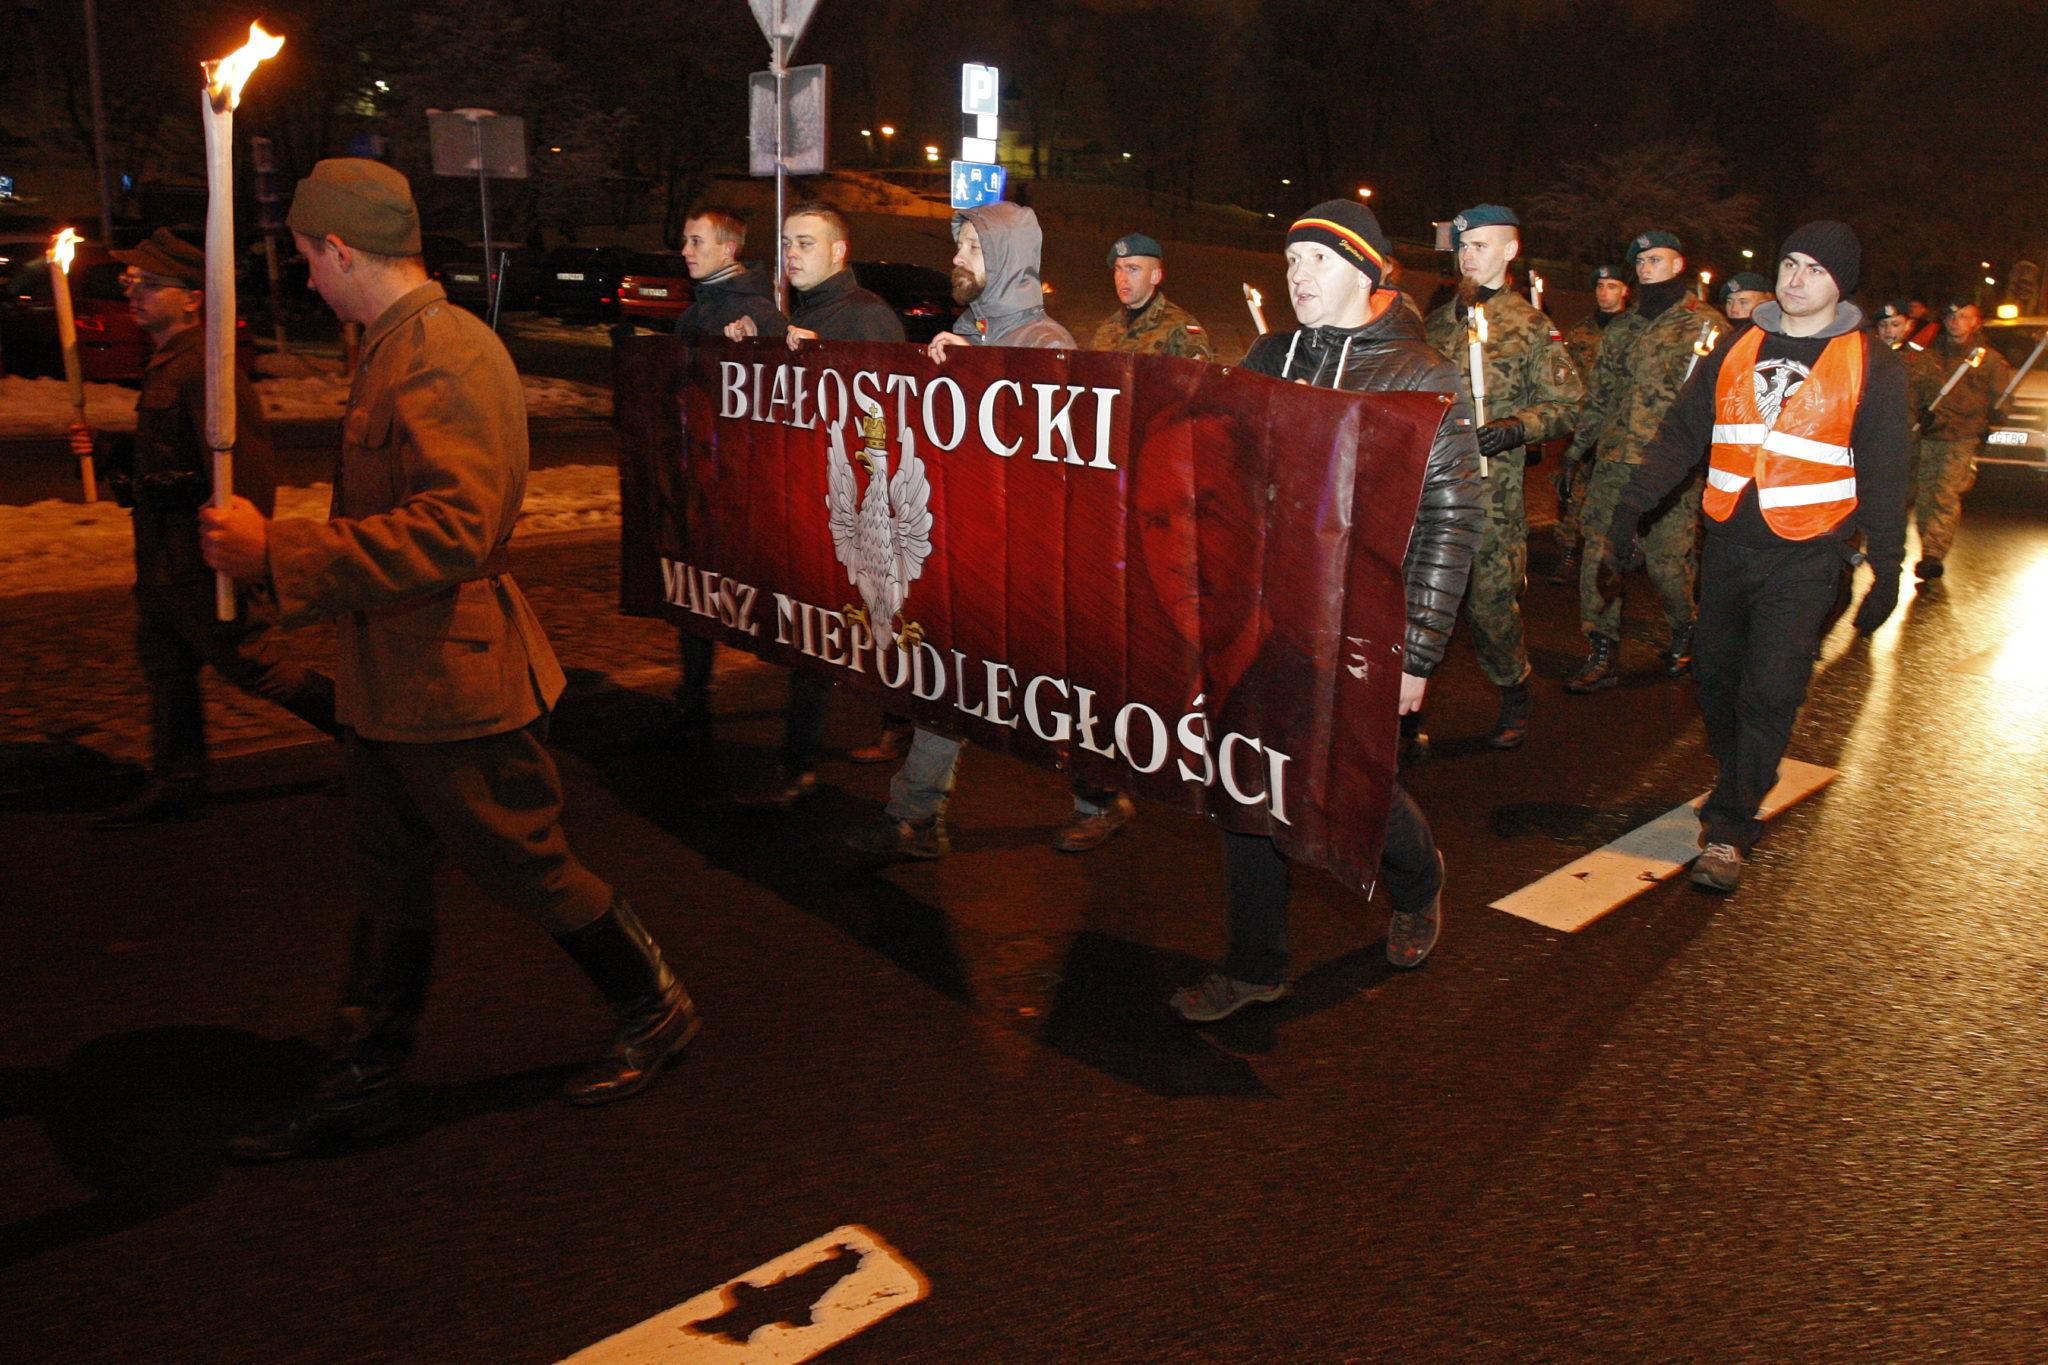 Białostocki Marsz Niepodległośœci przeszedł ulicami miasta w przeddzień ŚŒwięta Niepodległośœci. Fot. PAP/Artur Reszko